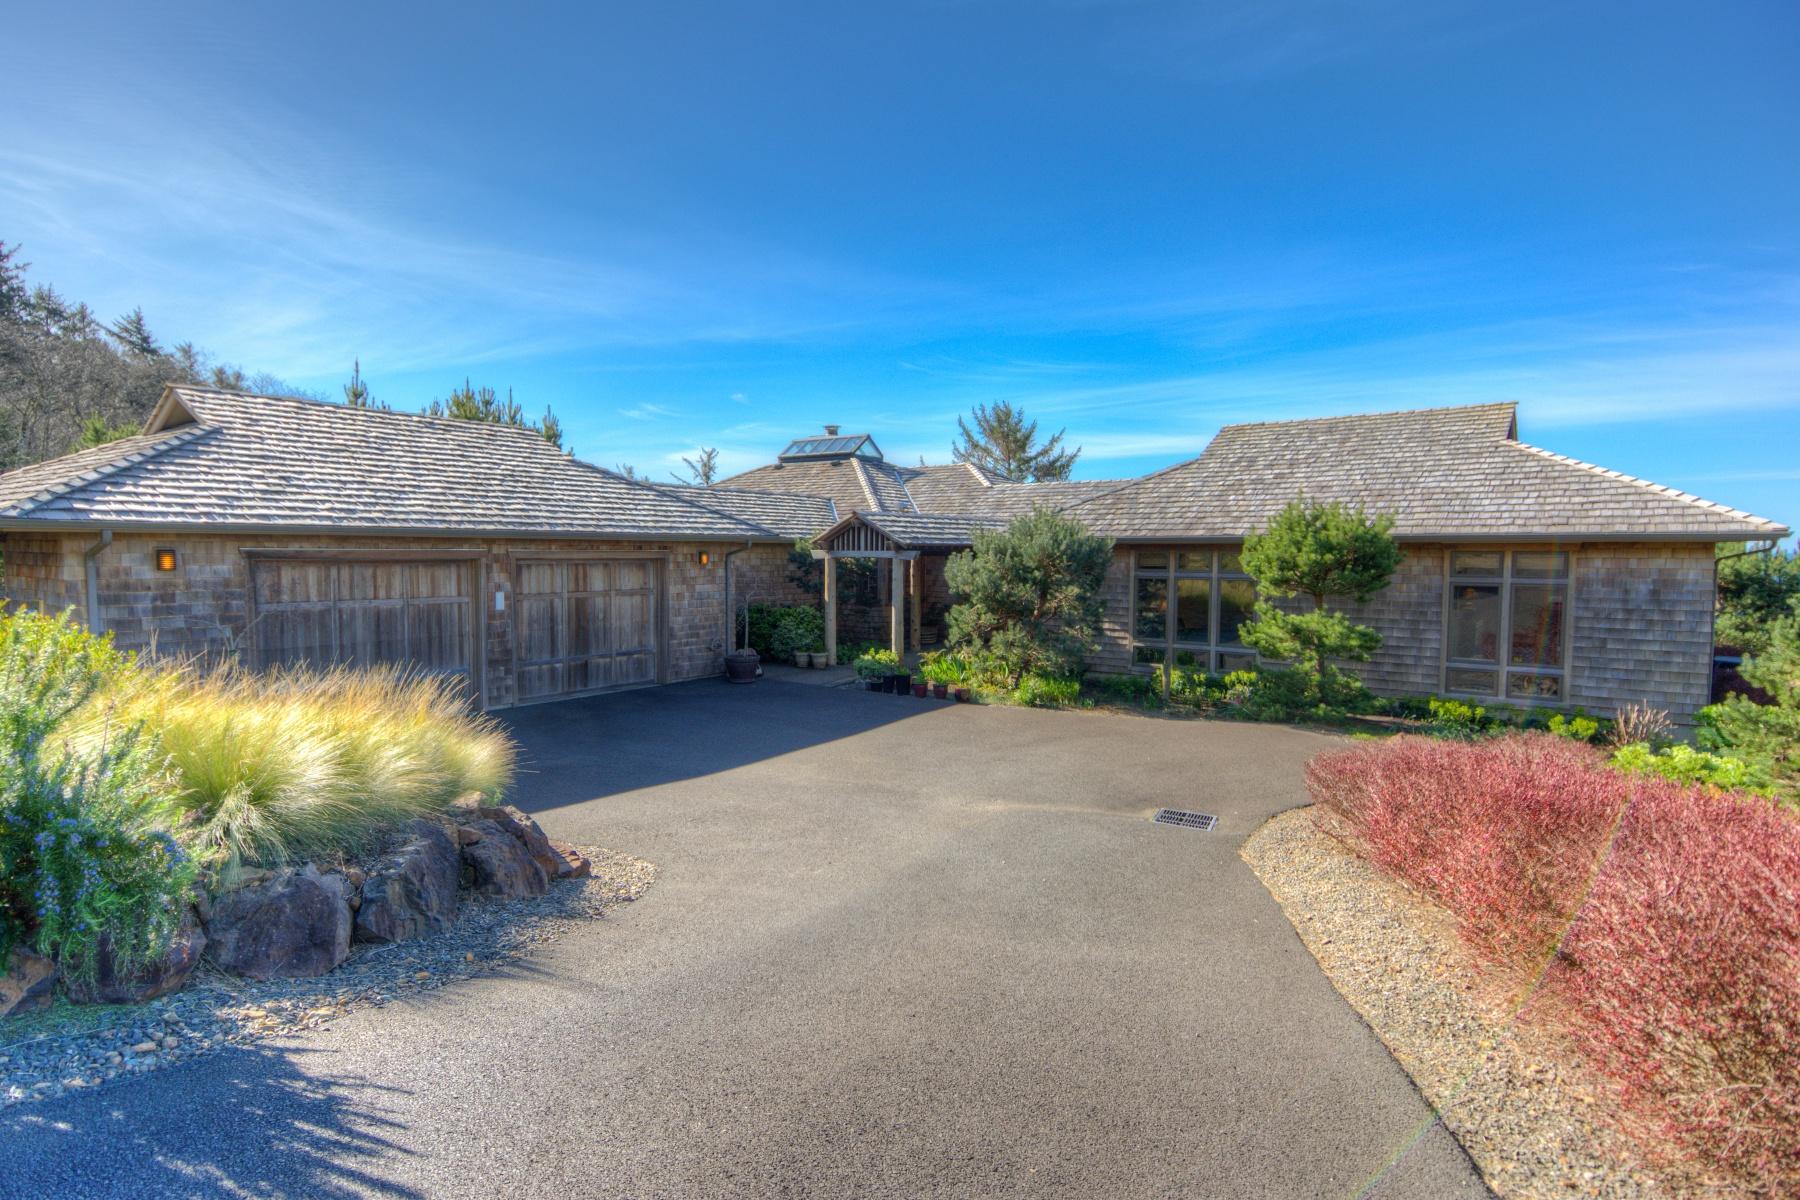 Nhà ở một gia đình vì Bán tại 8800 MARINERS TRAIL, MANZANITA 8800 MARINERS Trl Manzanita, Oregon, 97130 Hoa Kỳ